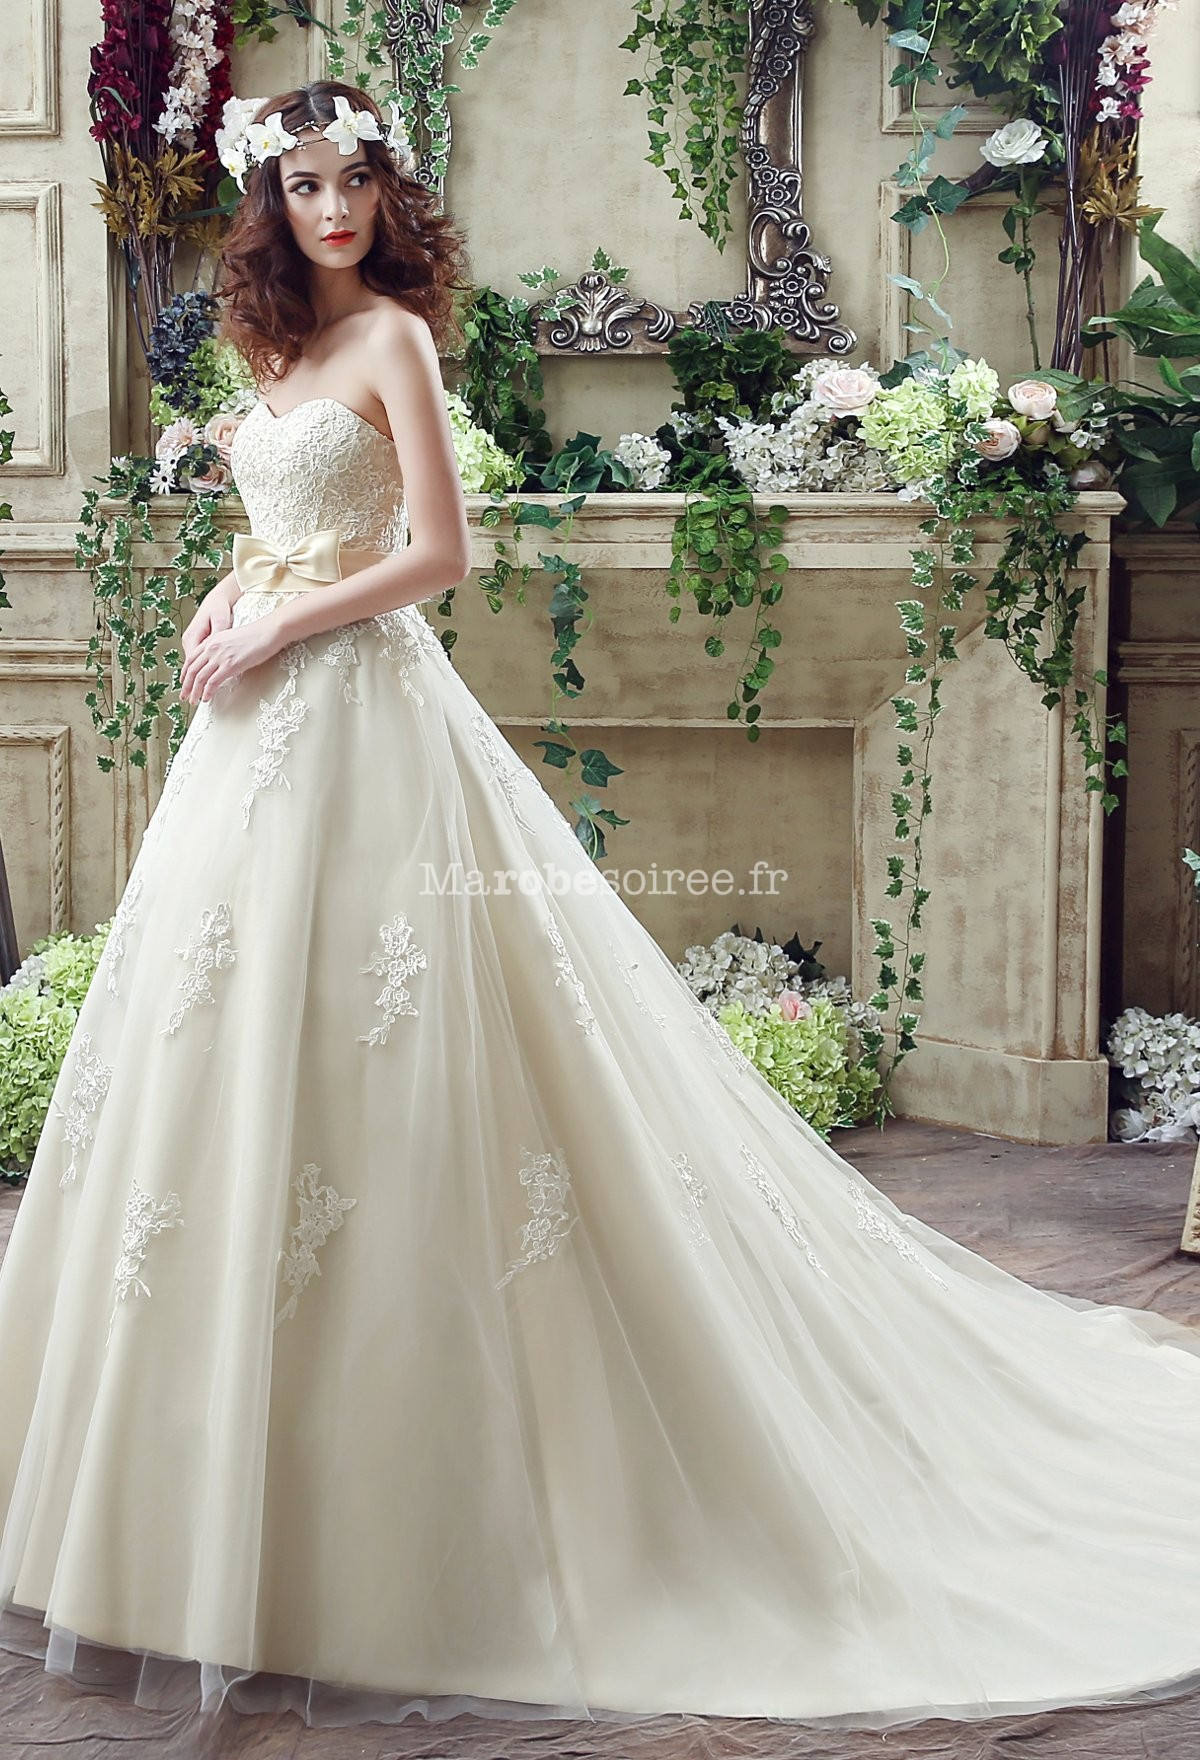 Tendance robe de marie 2017 : le retour en force de la